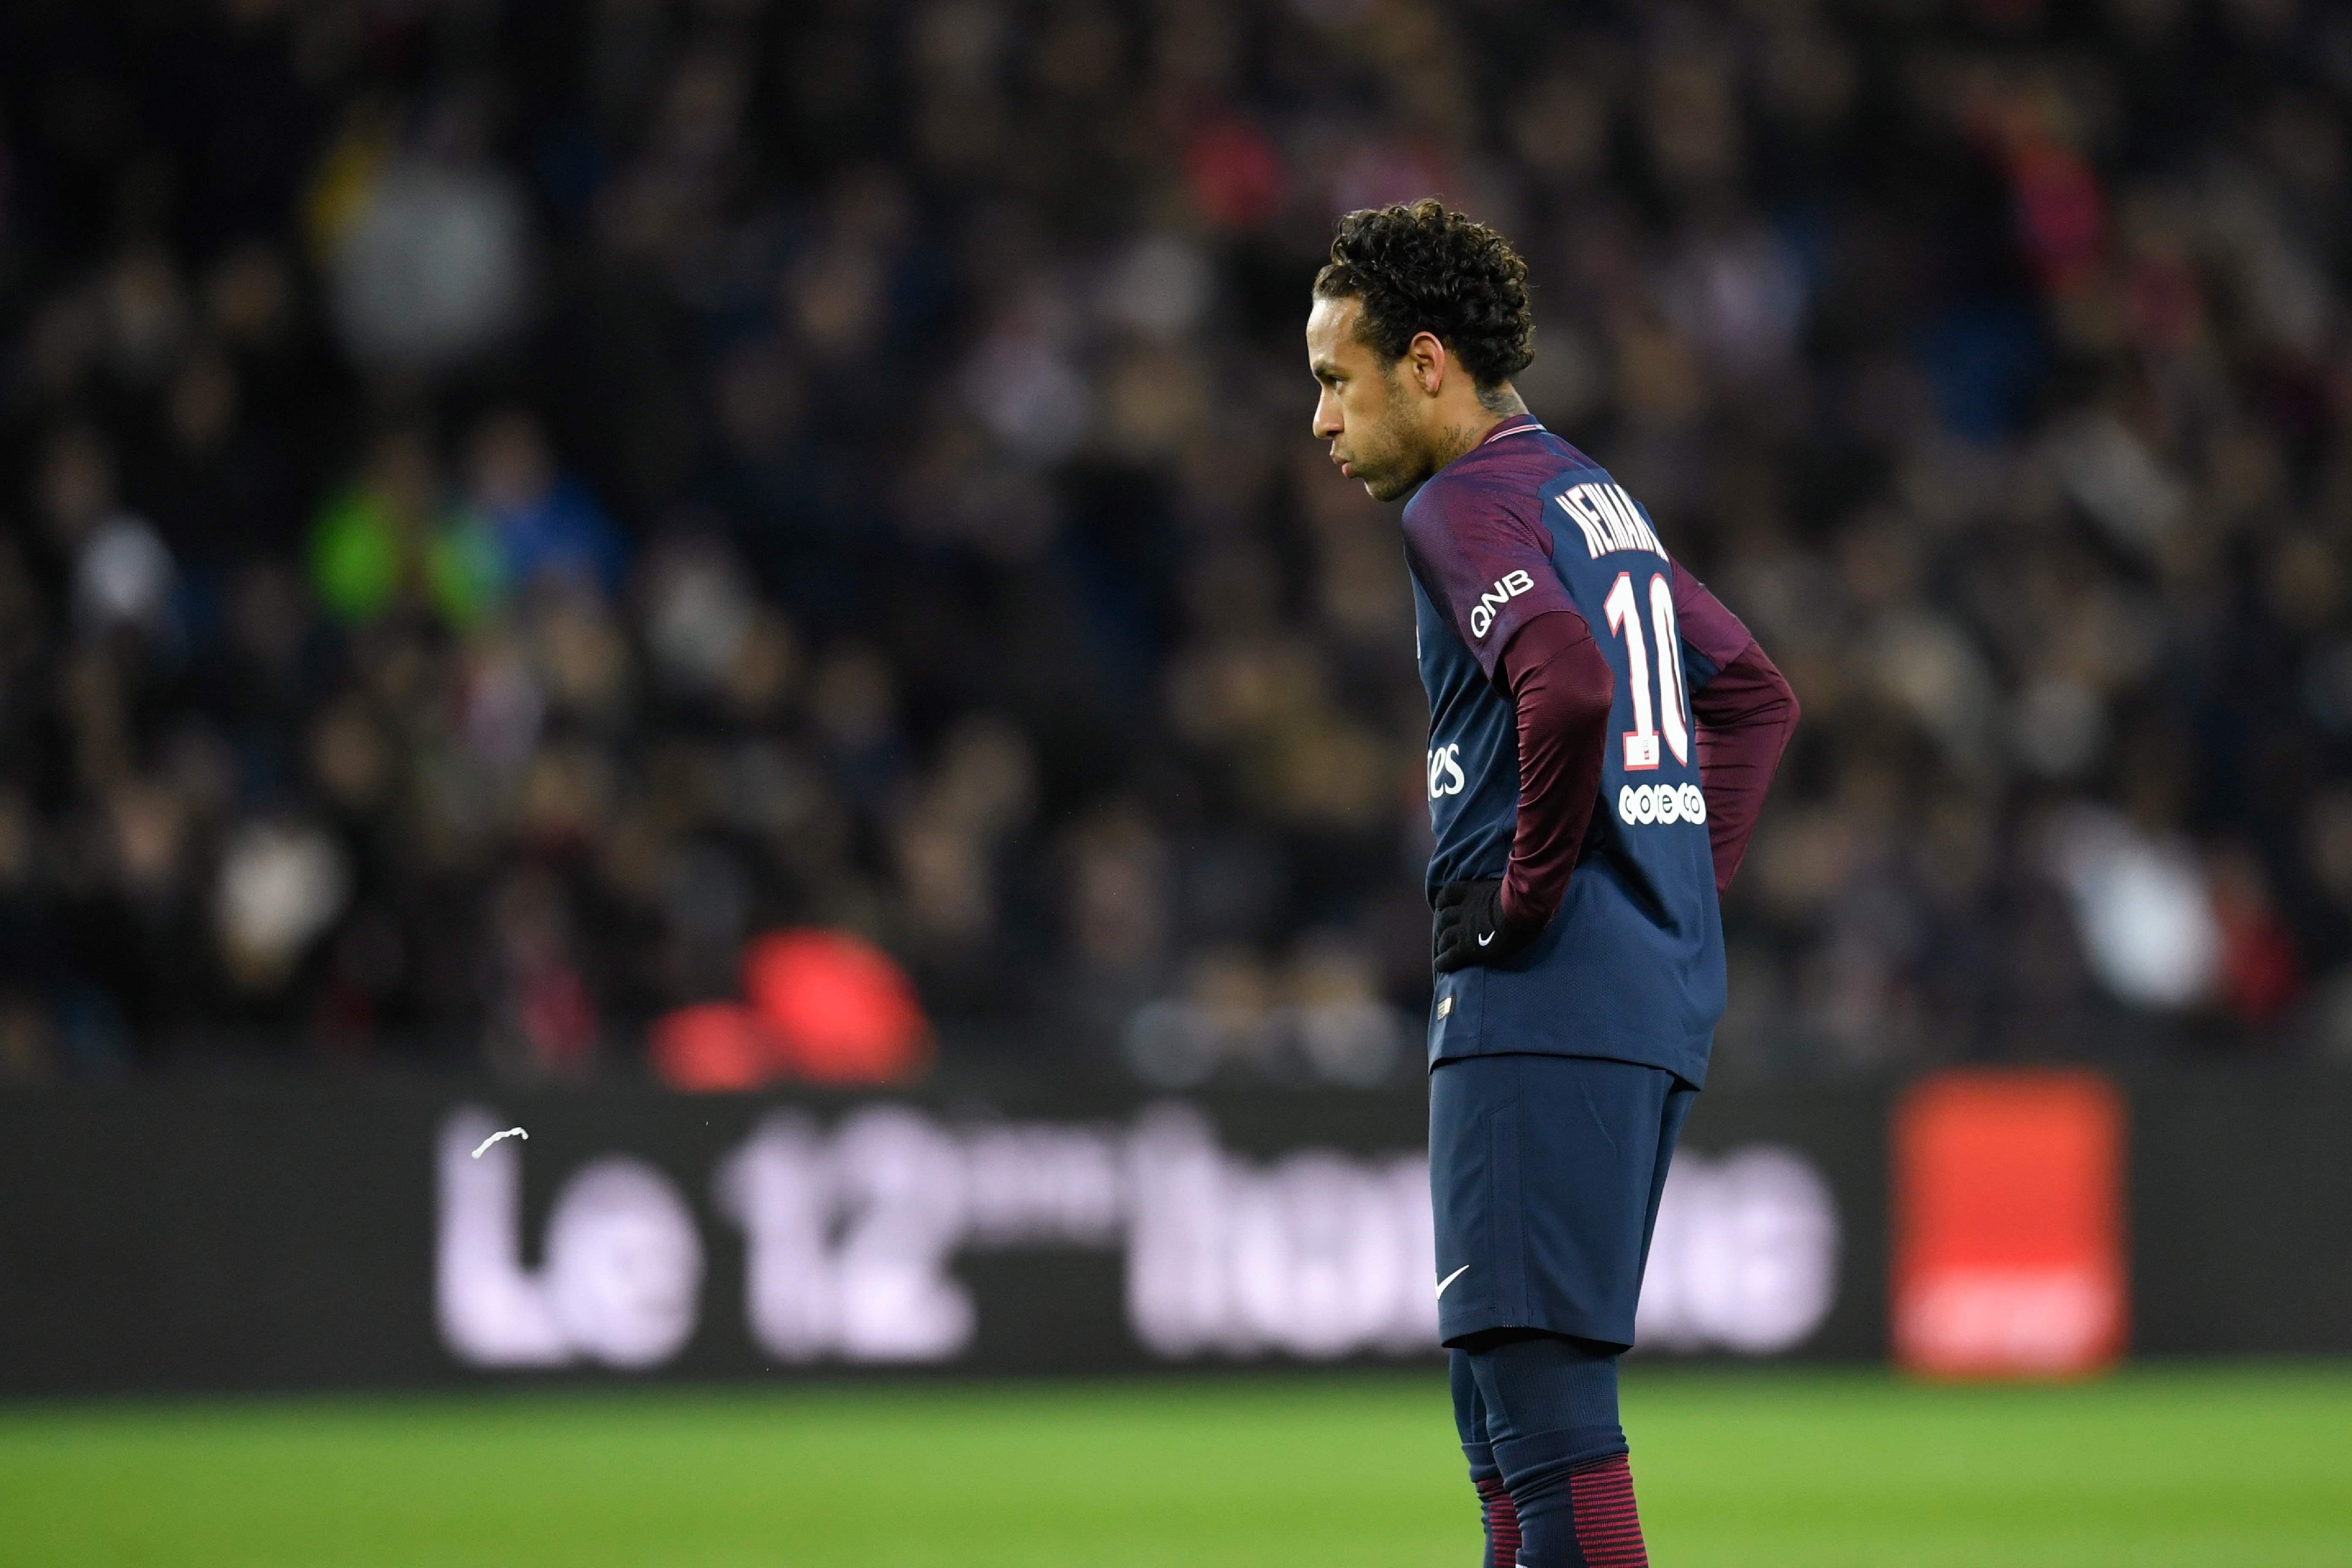 Football - Ligue 1 - PSG : Neymar forfait pour le choc à Lyon dimanche